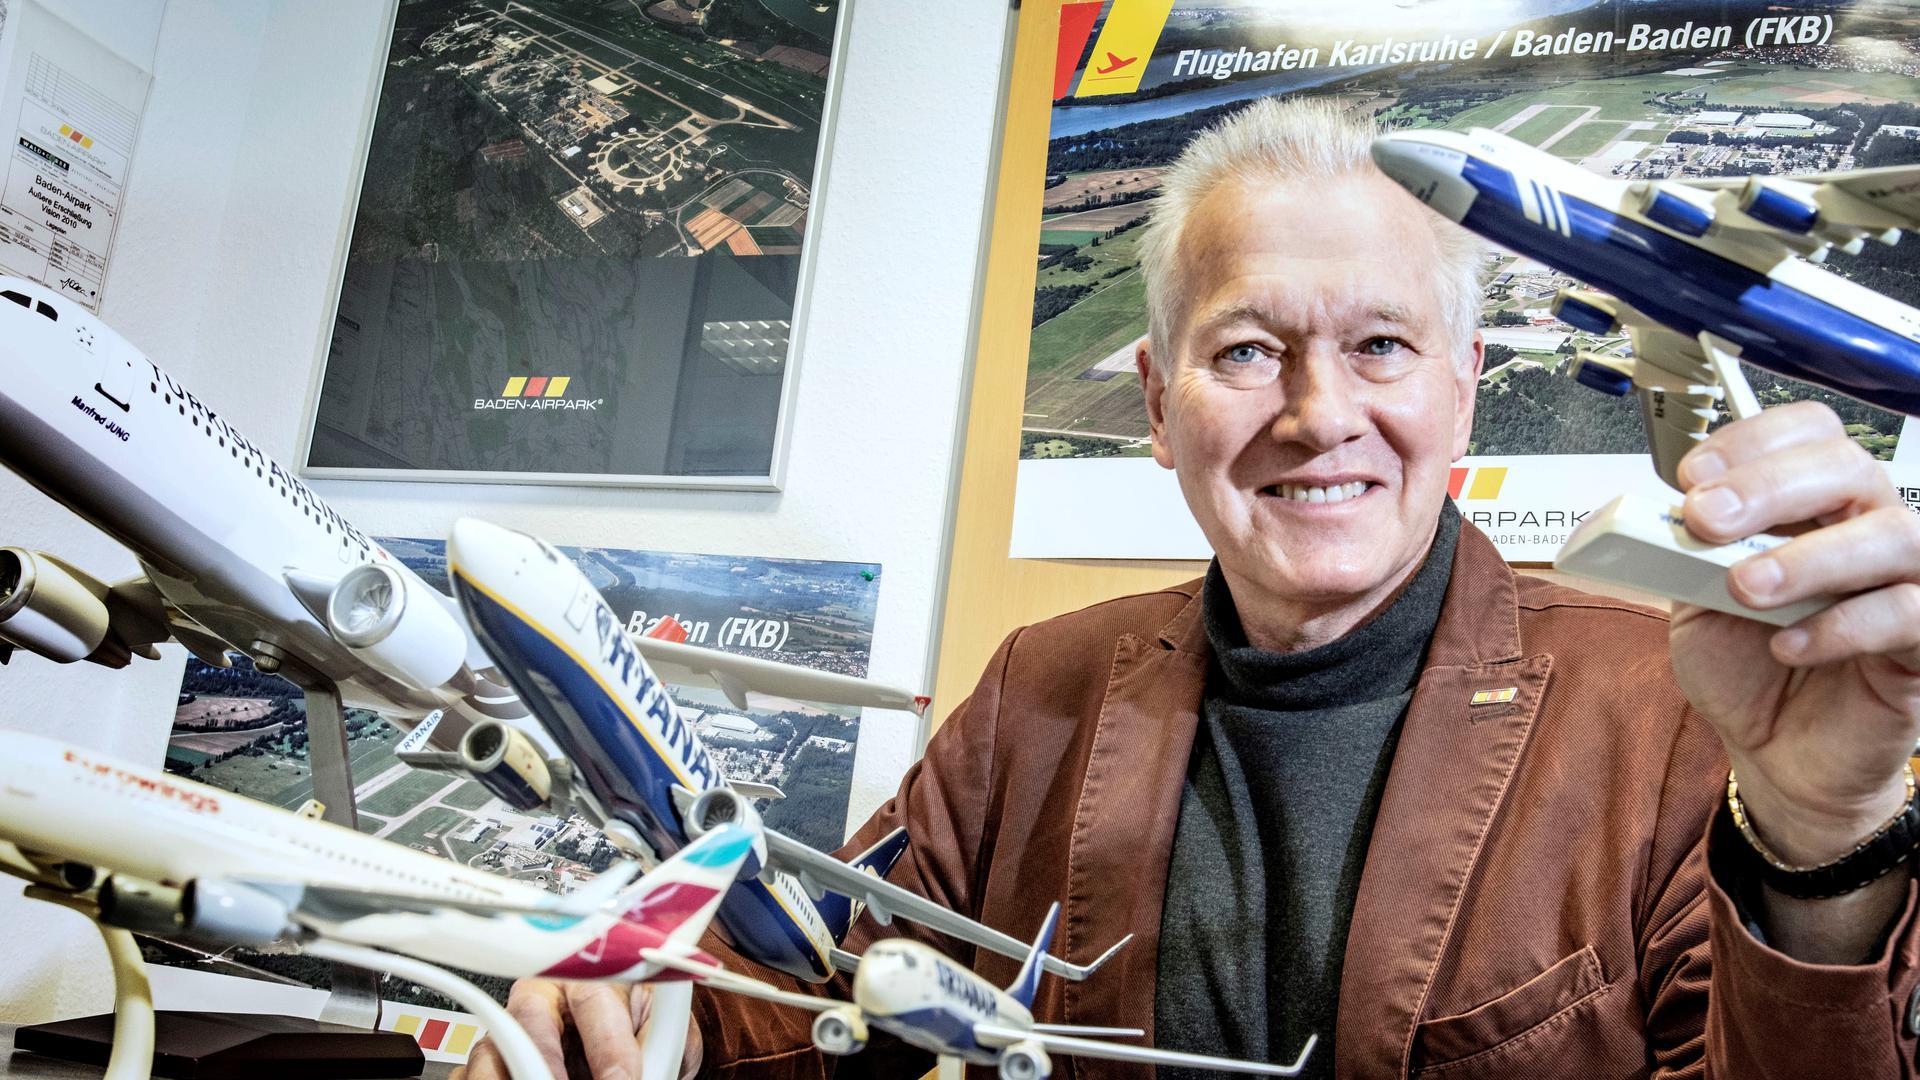 Manfred Jung, Chef des Baden-Airports, mit der Modellflieger-Sammlung in seinem Büro.